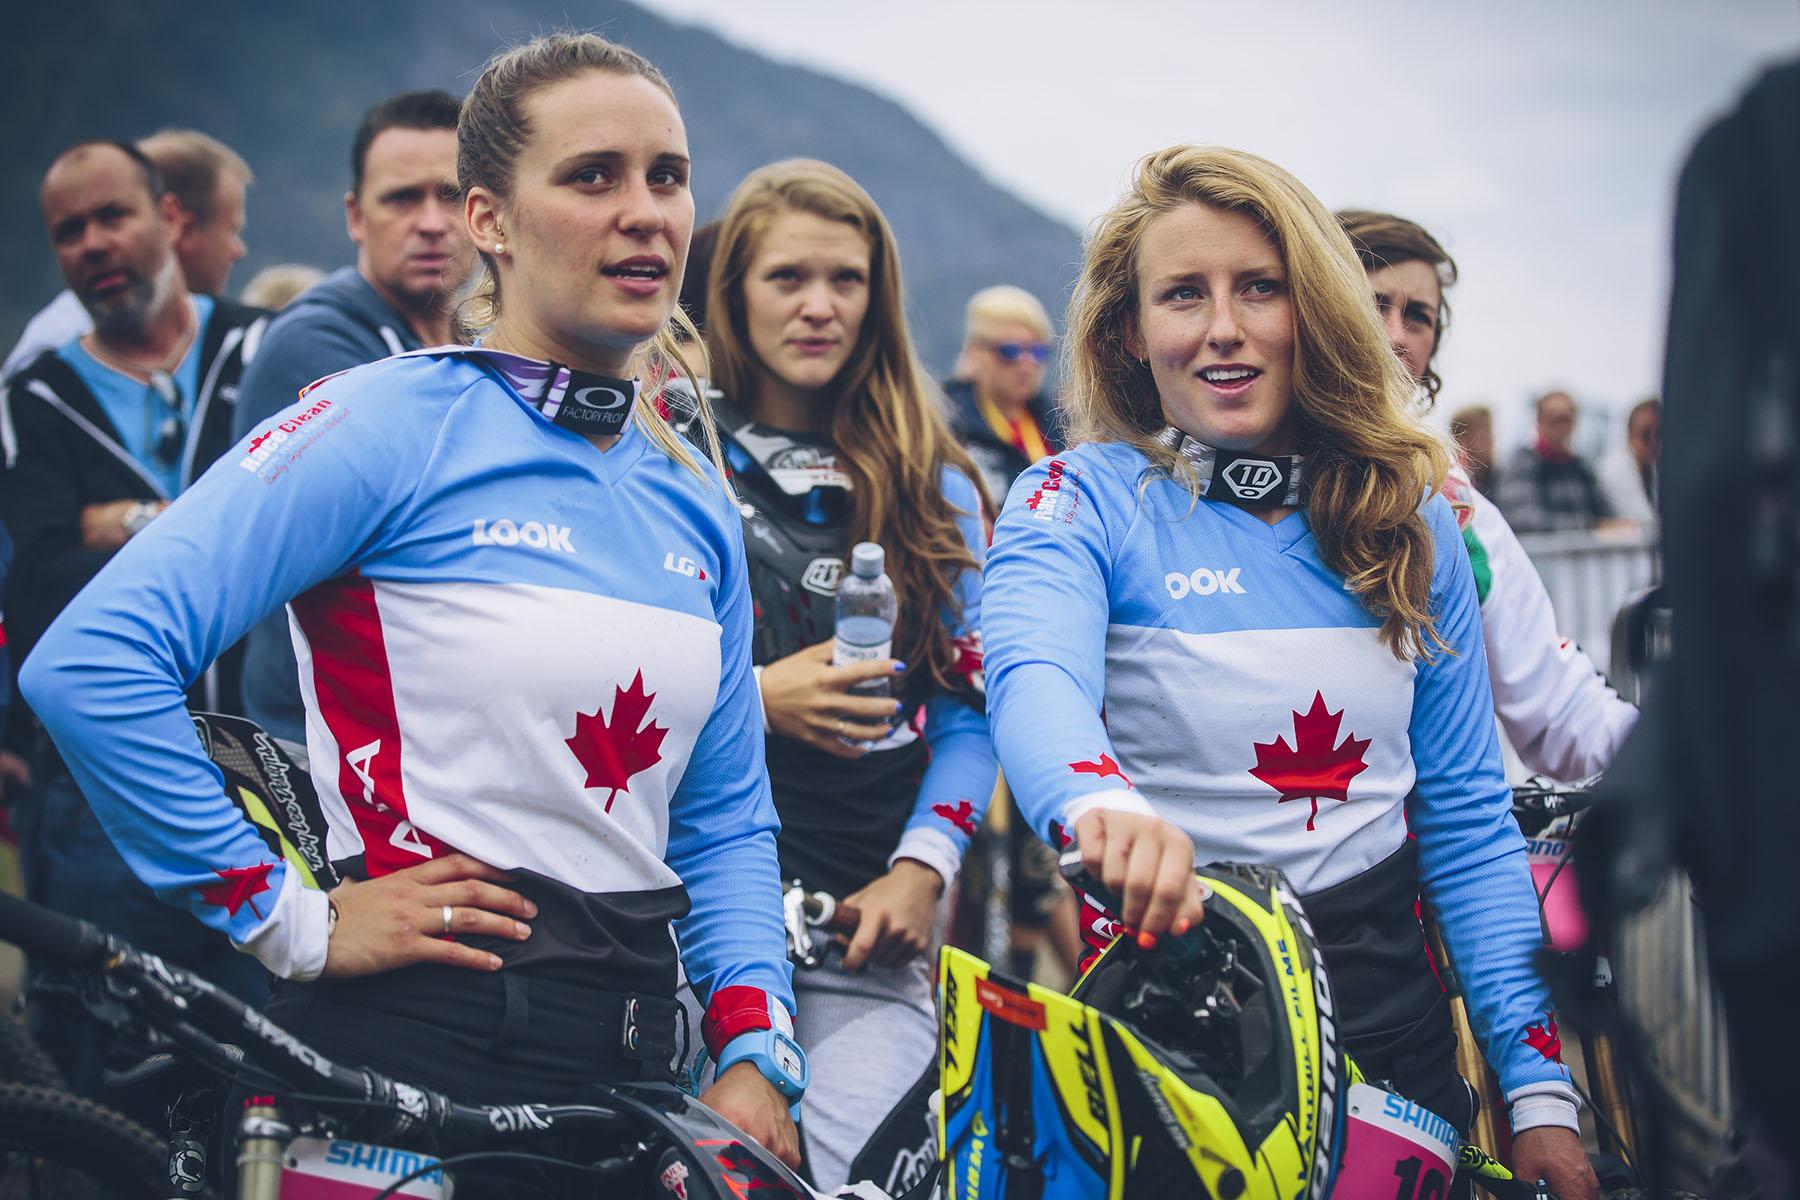 Die Kanadierinnen Micayla Gatto und Casey Brown beenden ihren Lauf auf dem 11. und 12. Platz.